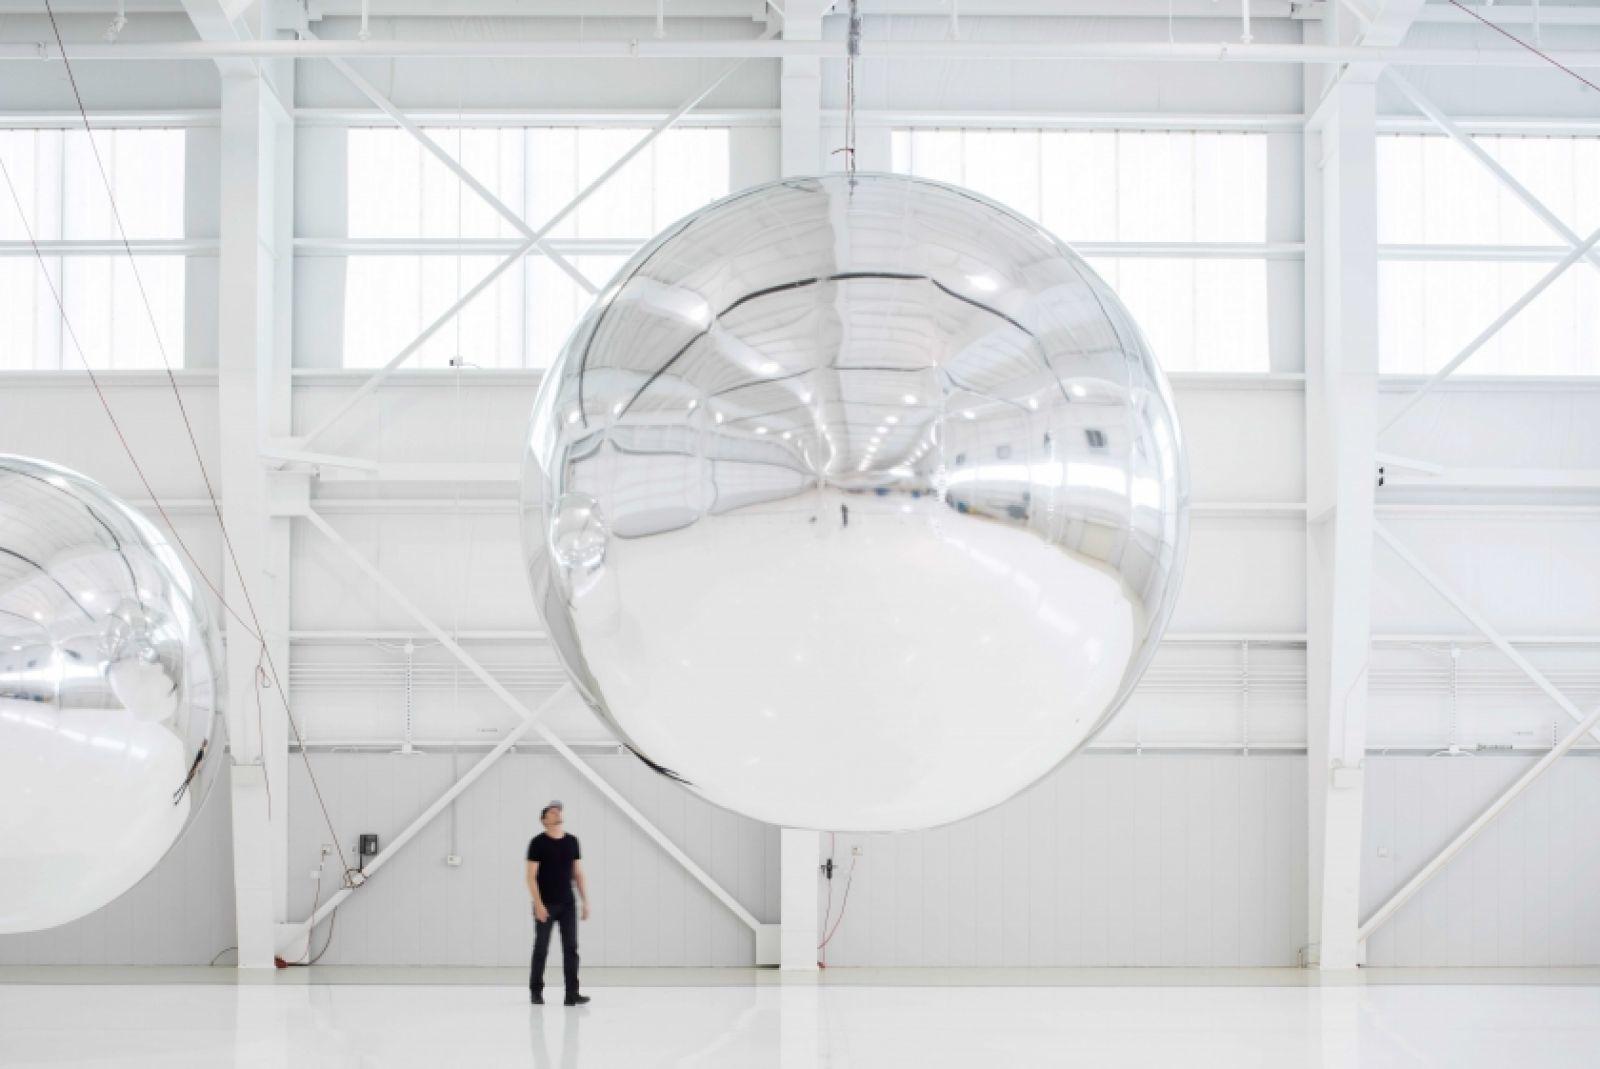 Paglen mit seinem Prototyp für einen nichtfunktionalen Satelliten (Design 4; Build 4), 2013 | Foto: ©Altman Siegel Gallery and Metro Pictures